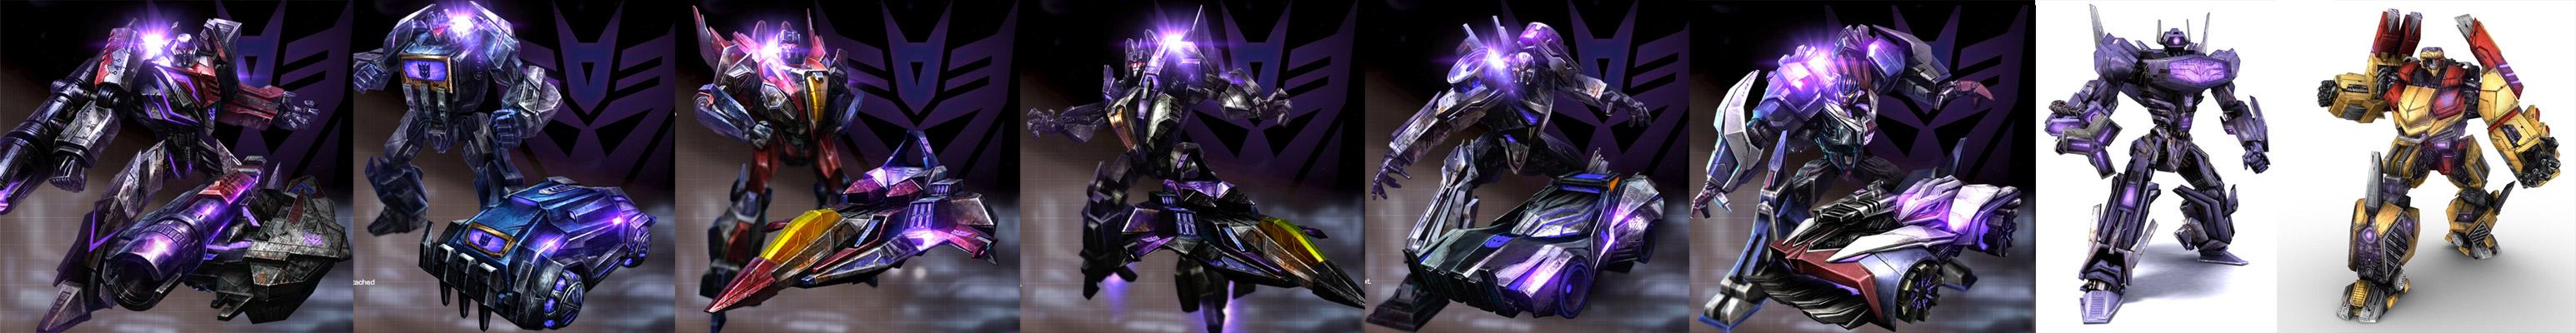 Transformers War for Cybertron Decepticon roster thus far